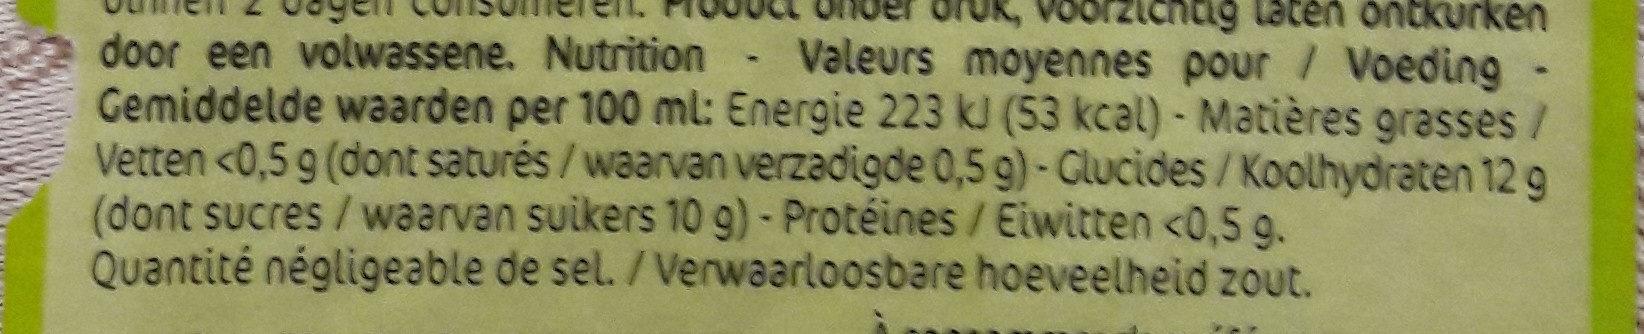 Fiestabul Jus de pomme pétillant - Informations nutritionnelles - fr